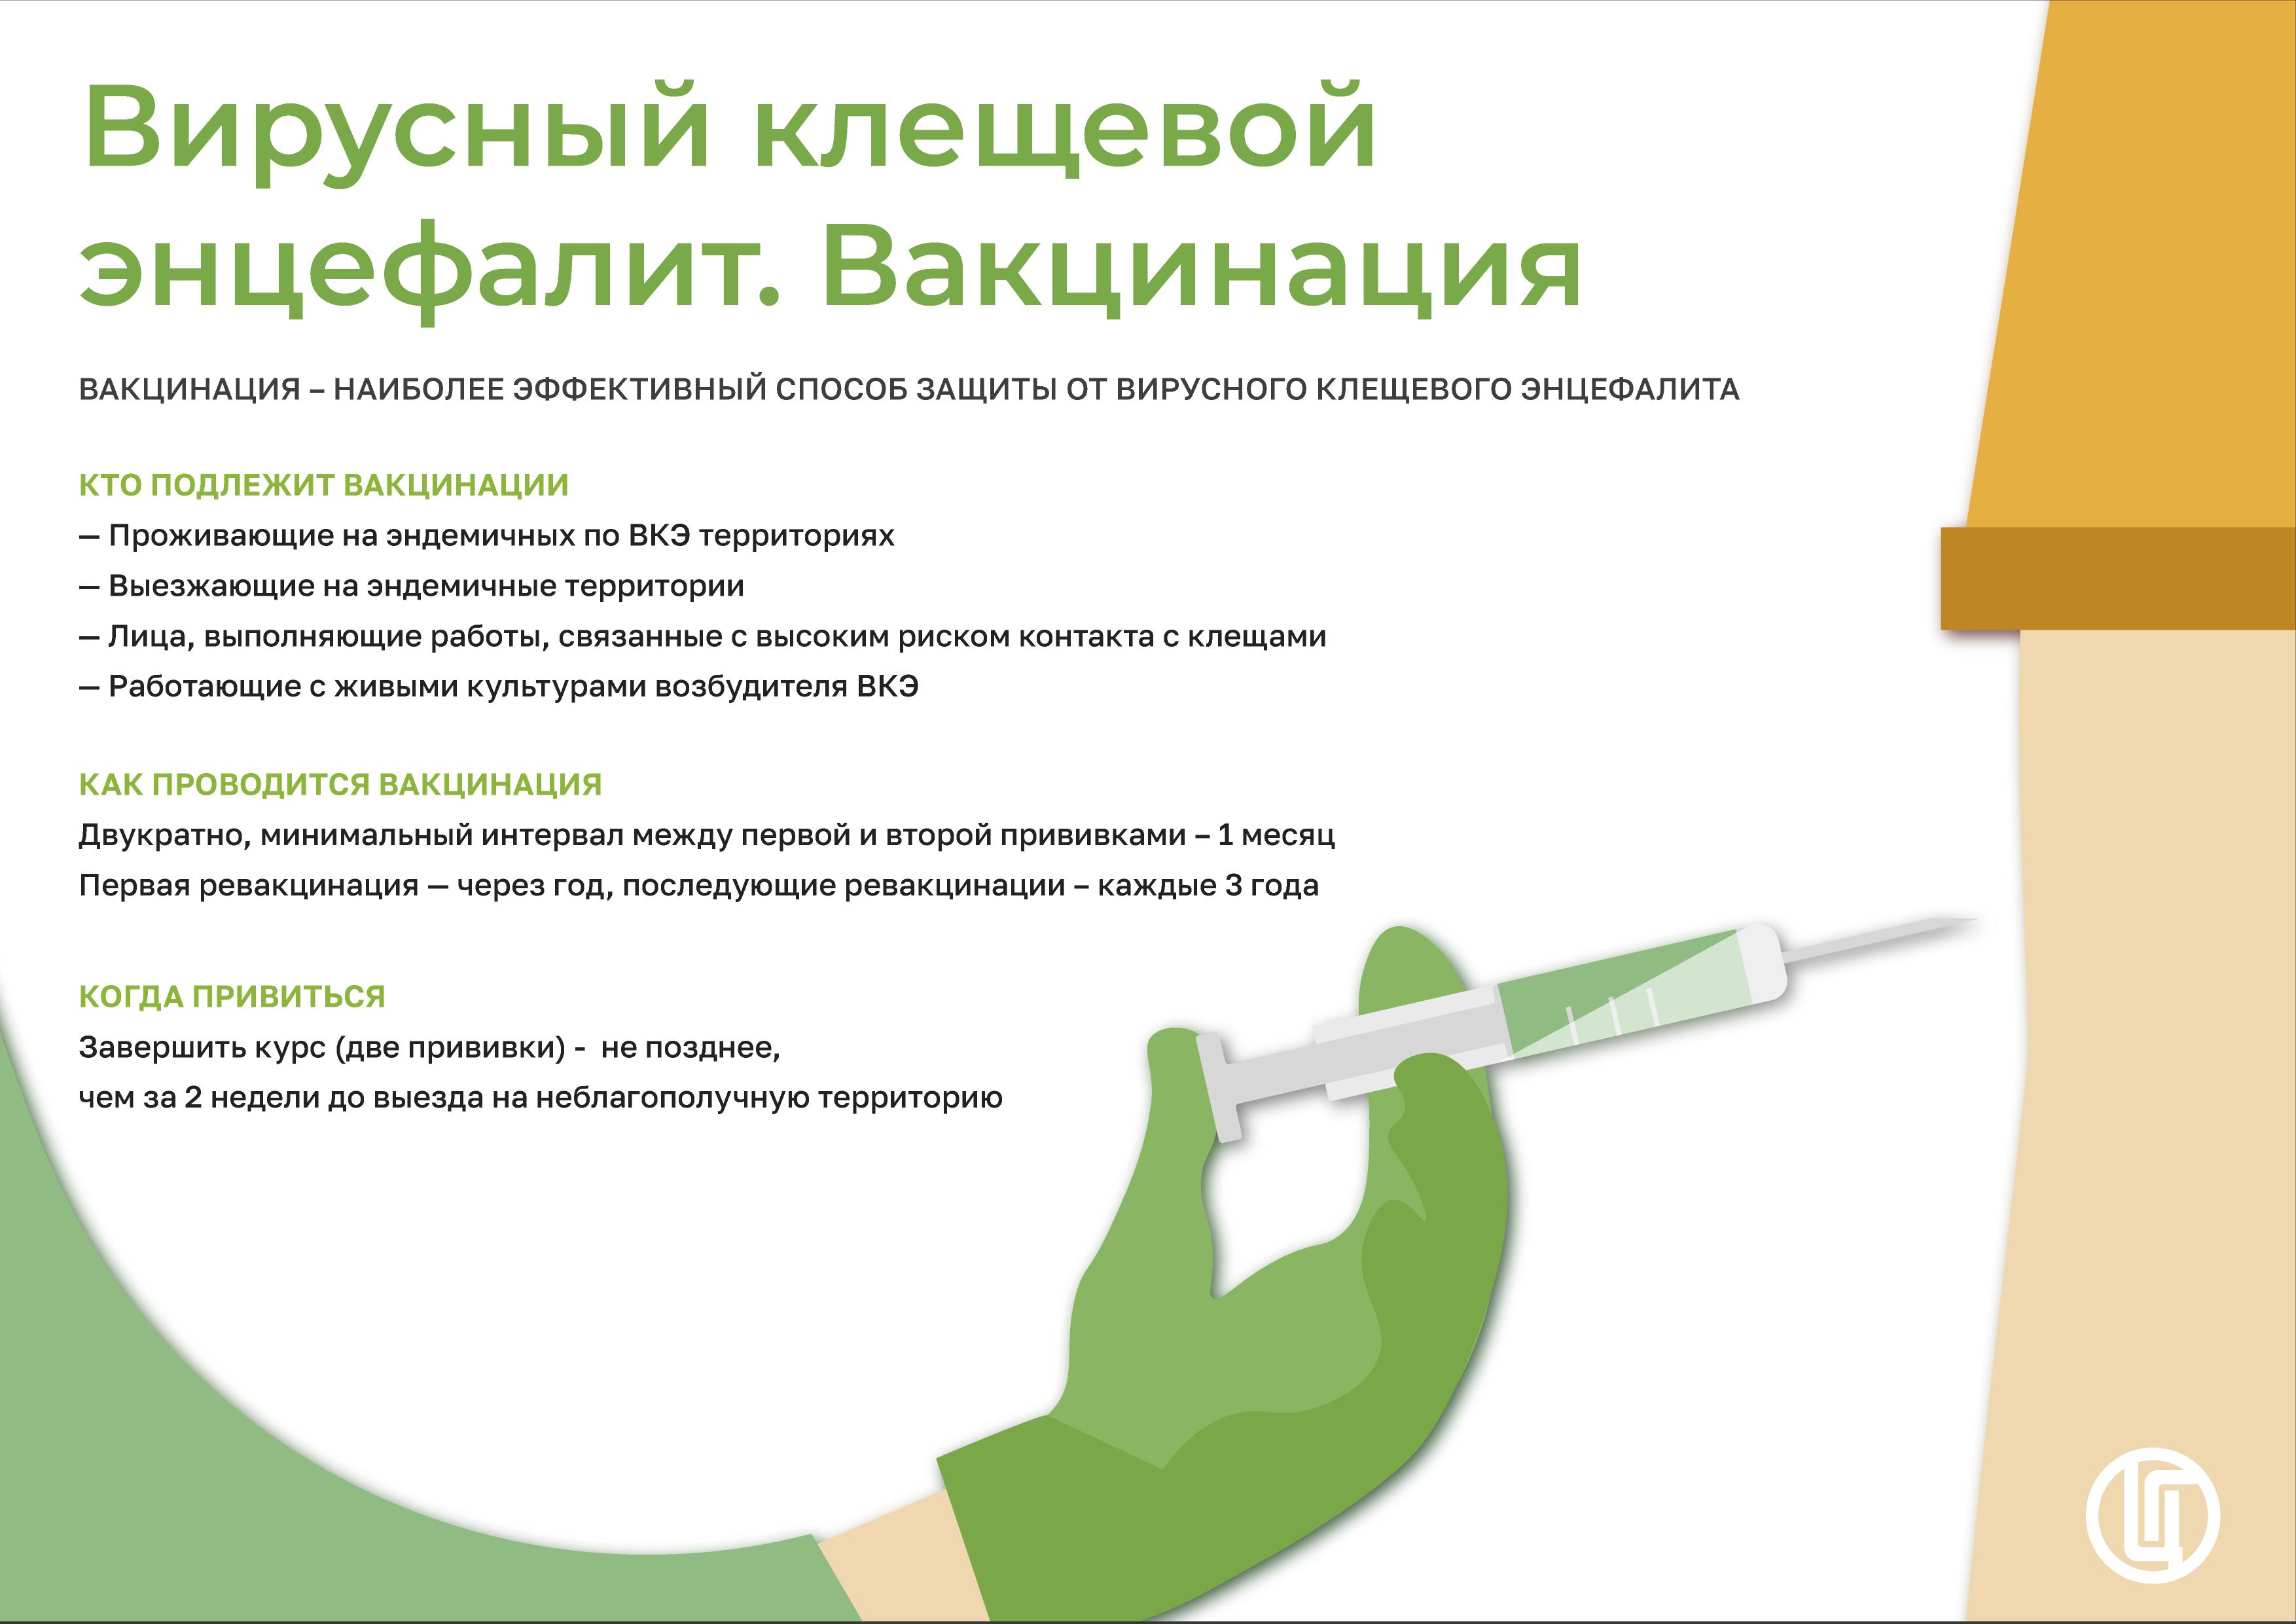 Вирусный клещевой энцефалит.Вакцинация